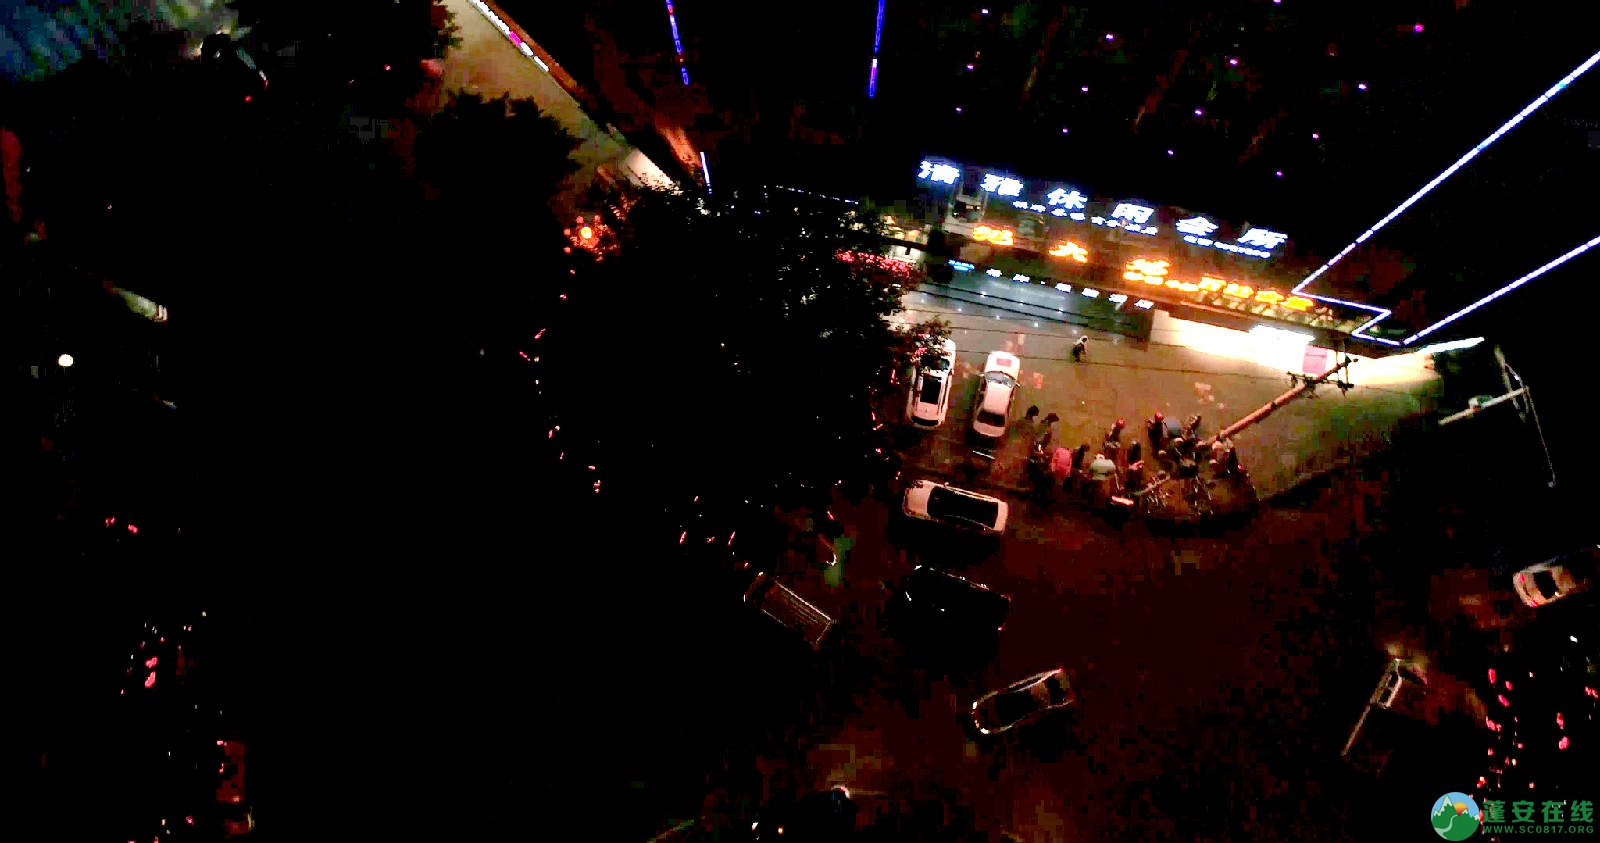 临近春节的蓬安夜色 - 第14张  | 蓬安在线